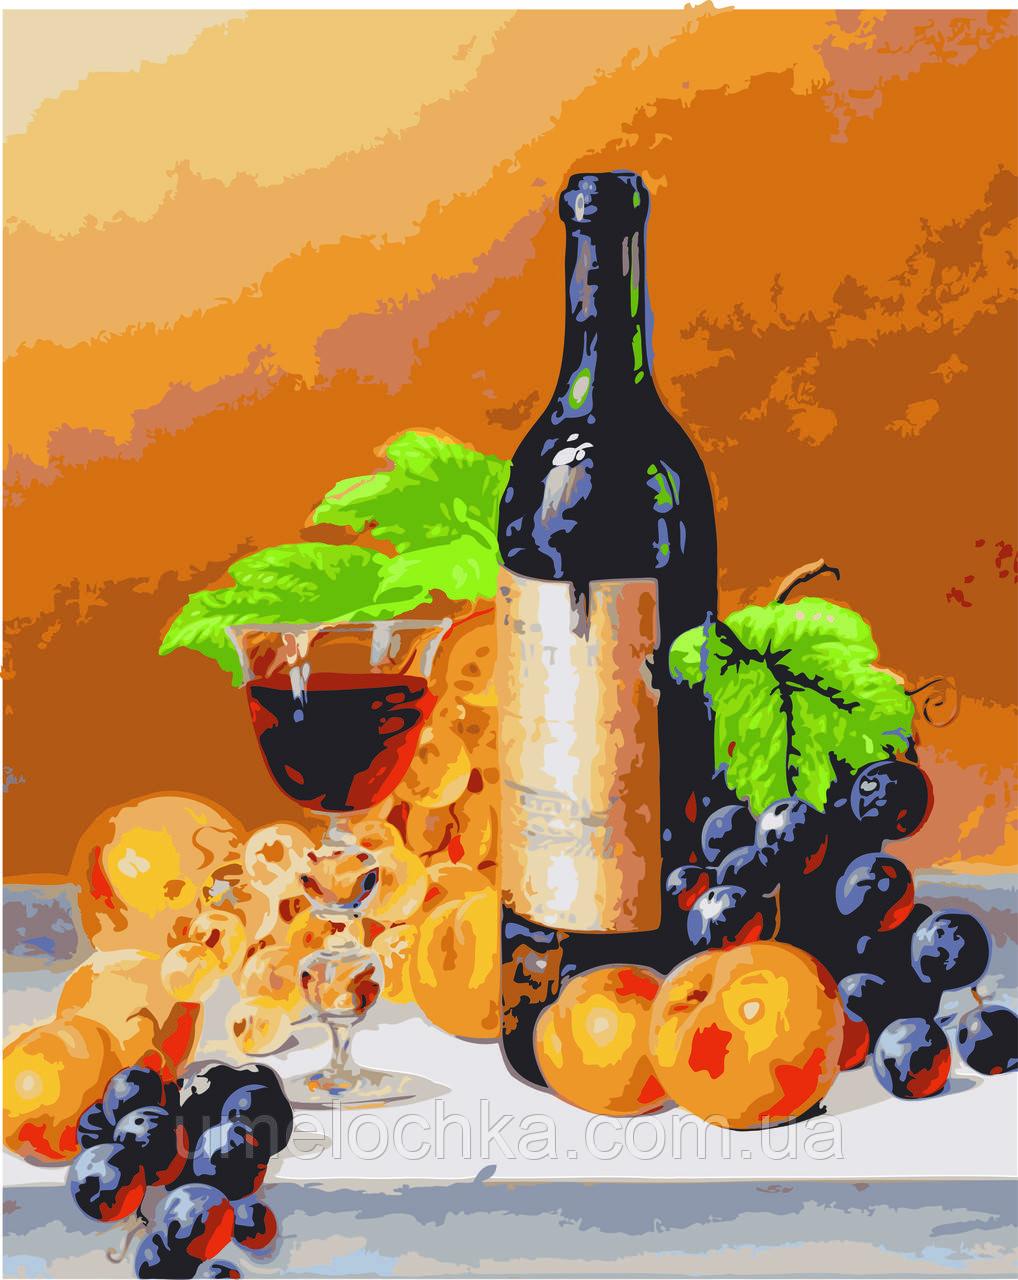 Вертикальная картина раскраска на холсте Аромат вина худ. Ходриен Рой 40 х 50 см KH2066